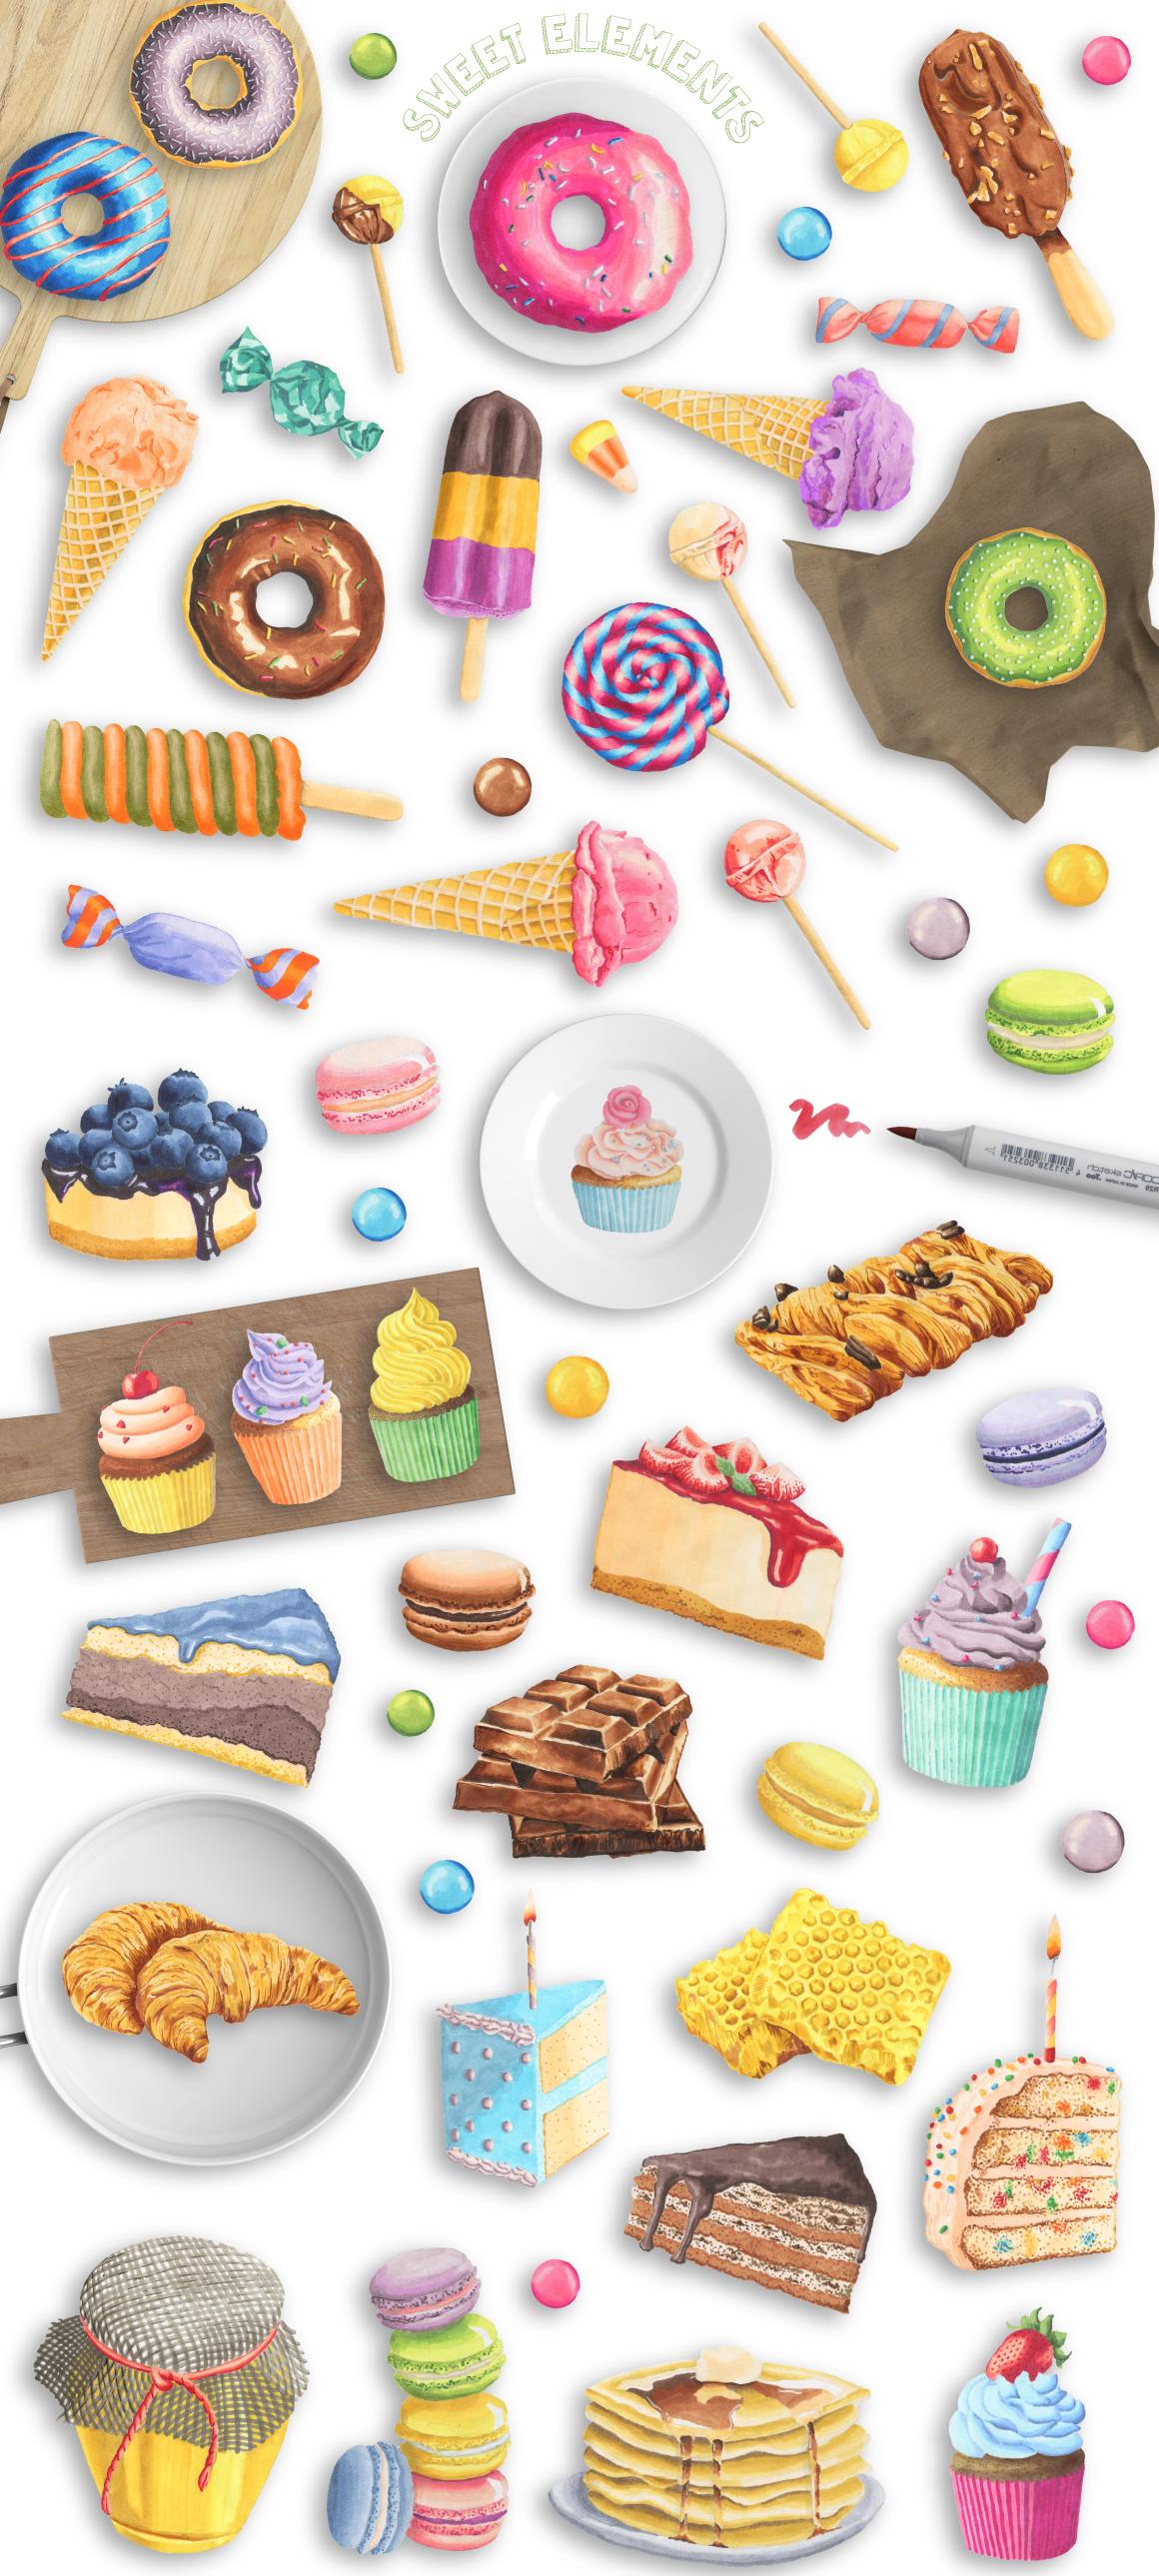 80款卡通儿童生日主题矢量图案素材 Sweet Marker Collection插图(1)